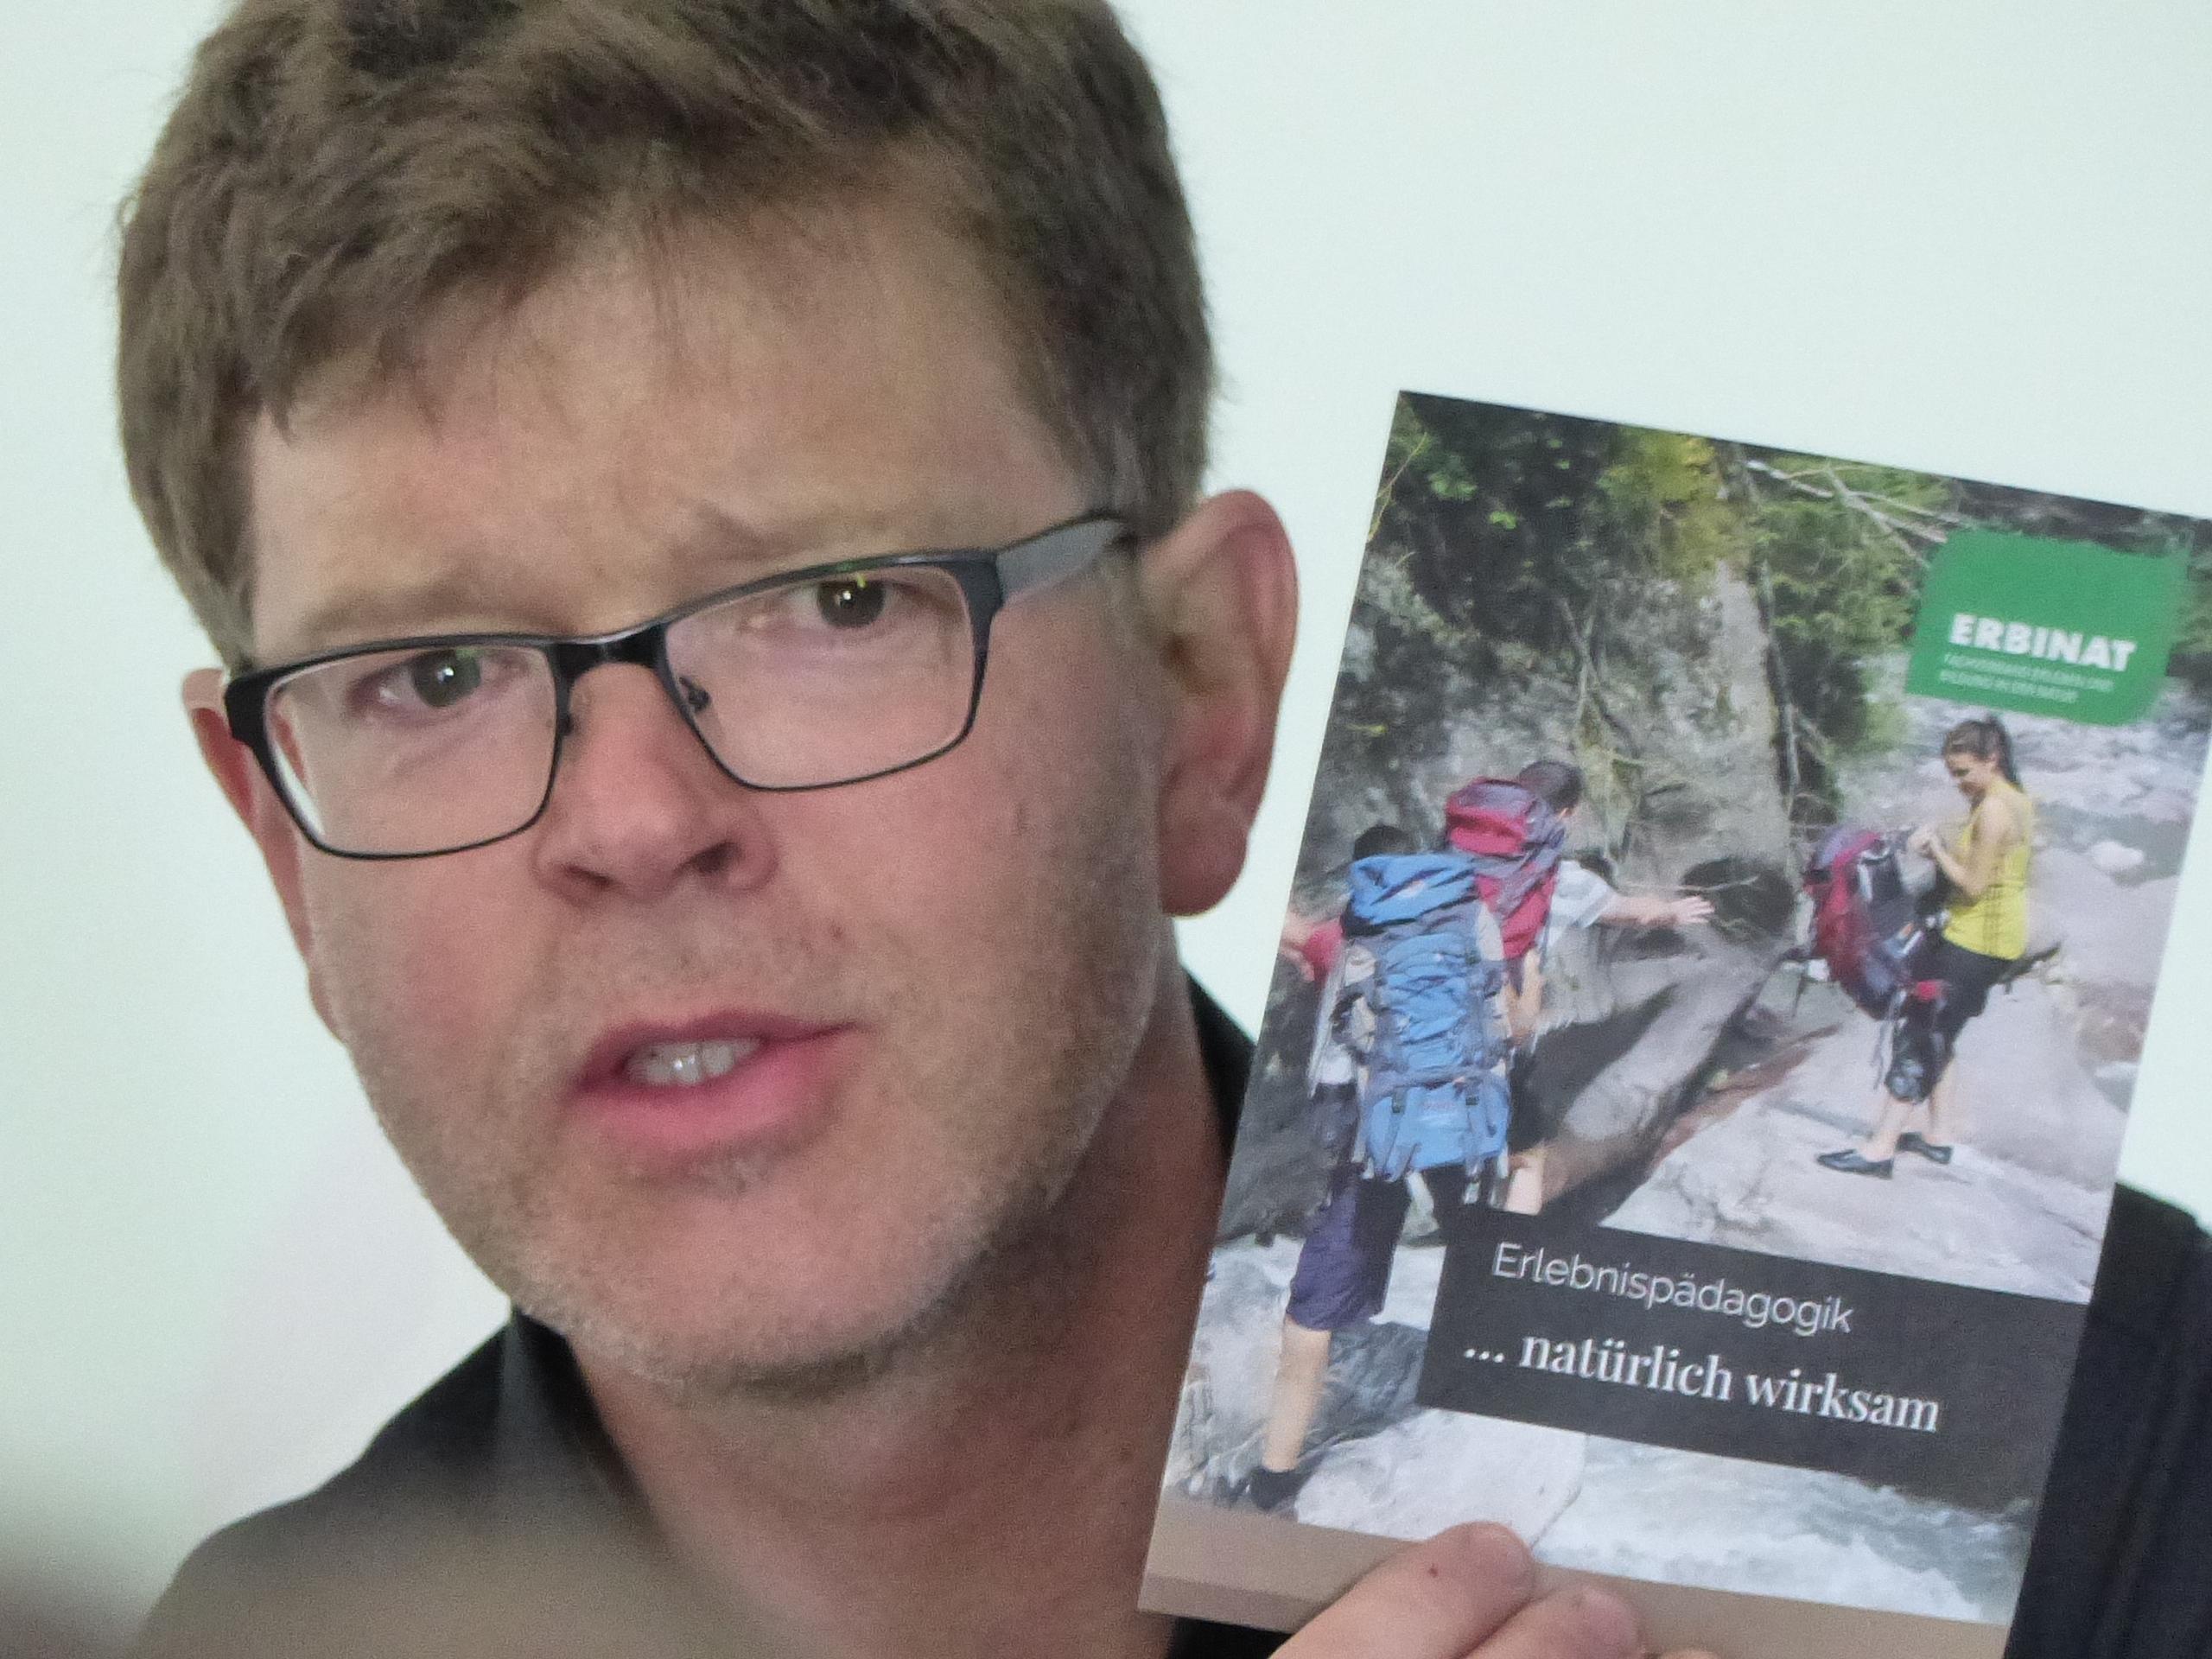 Tobias Kamer von ERBINAT stellte die Broschüre